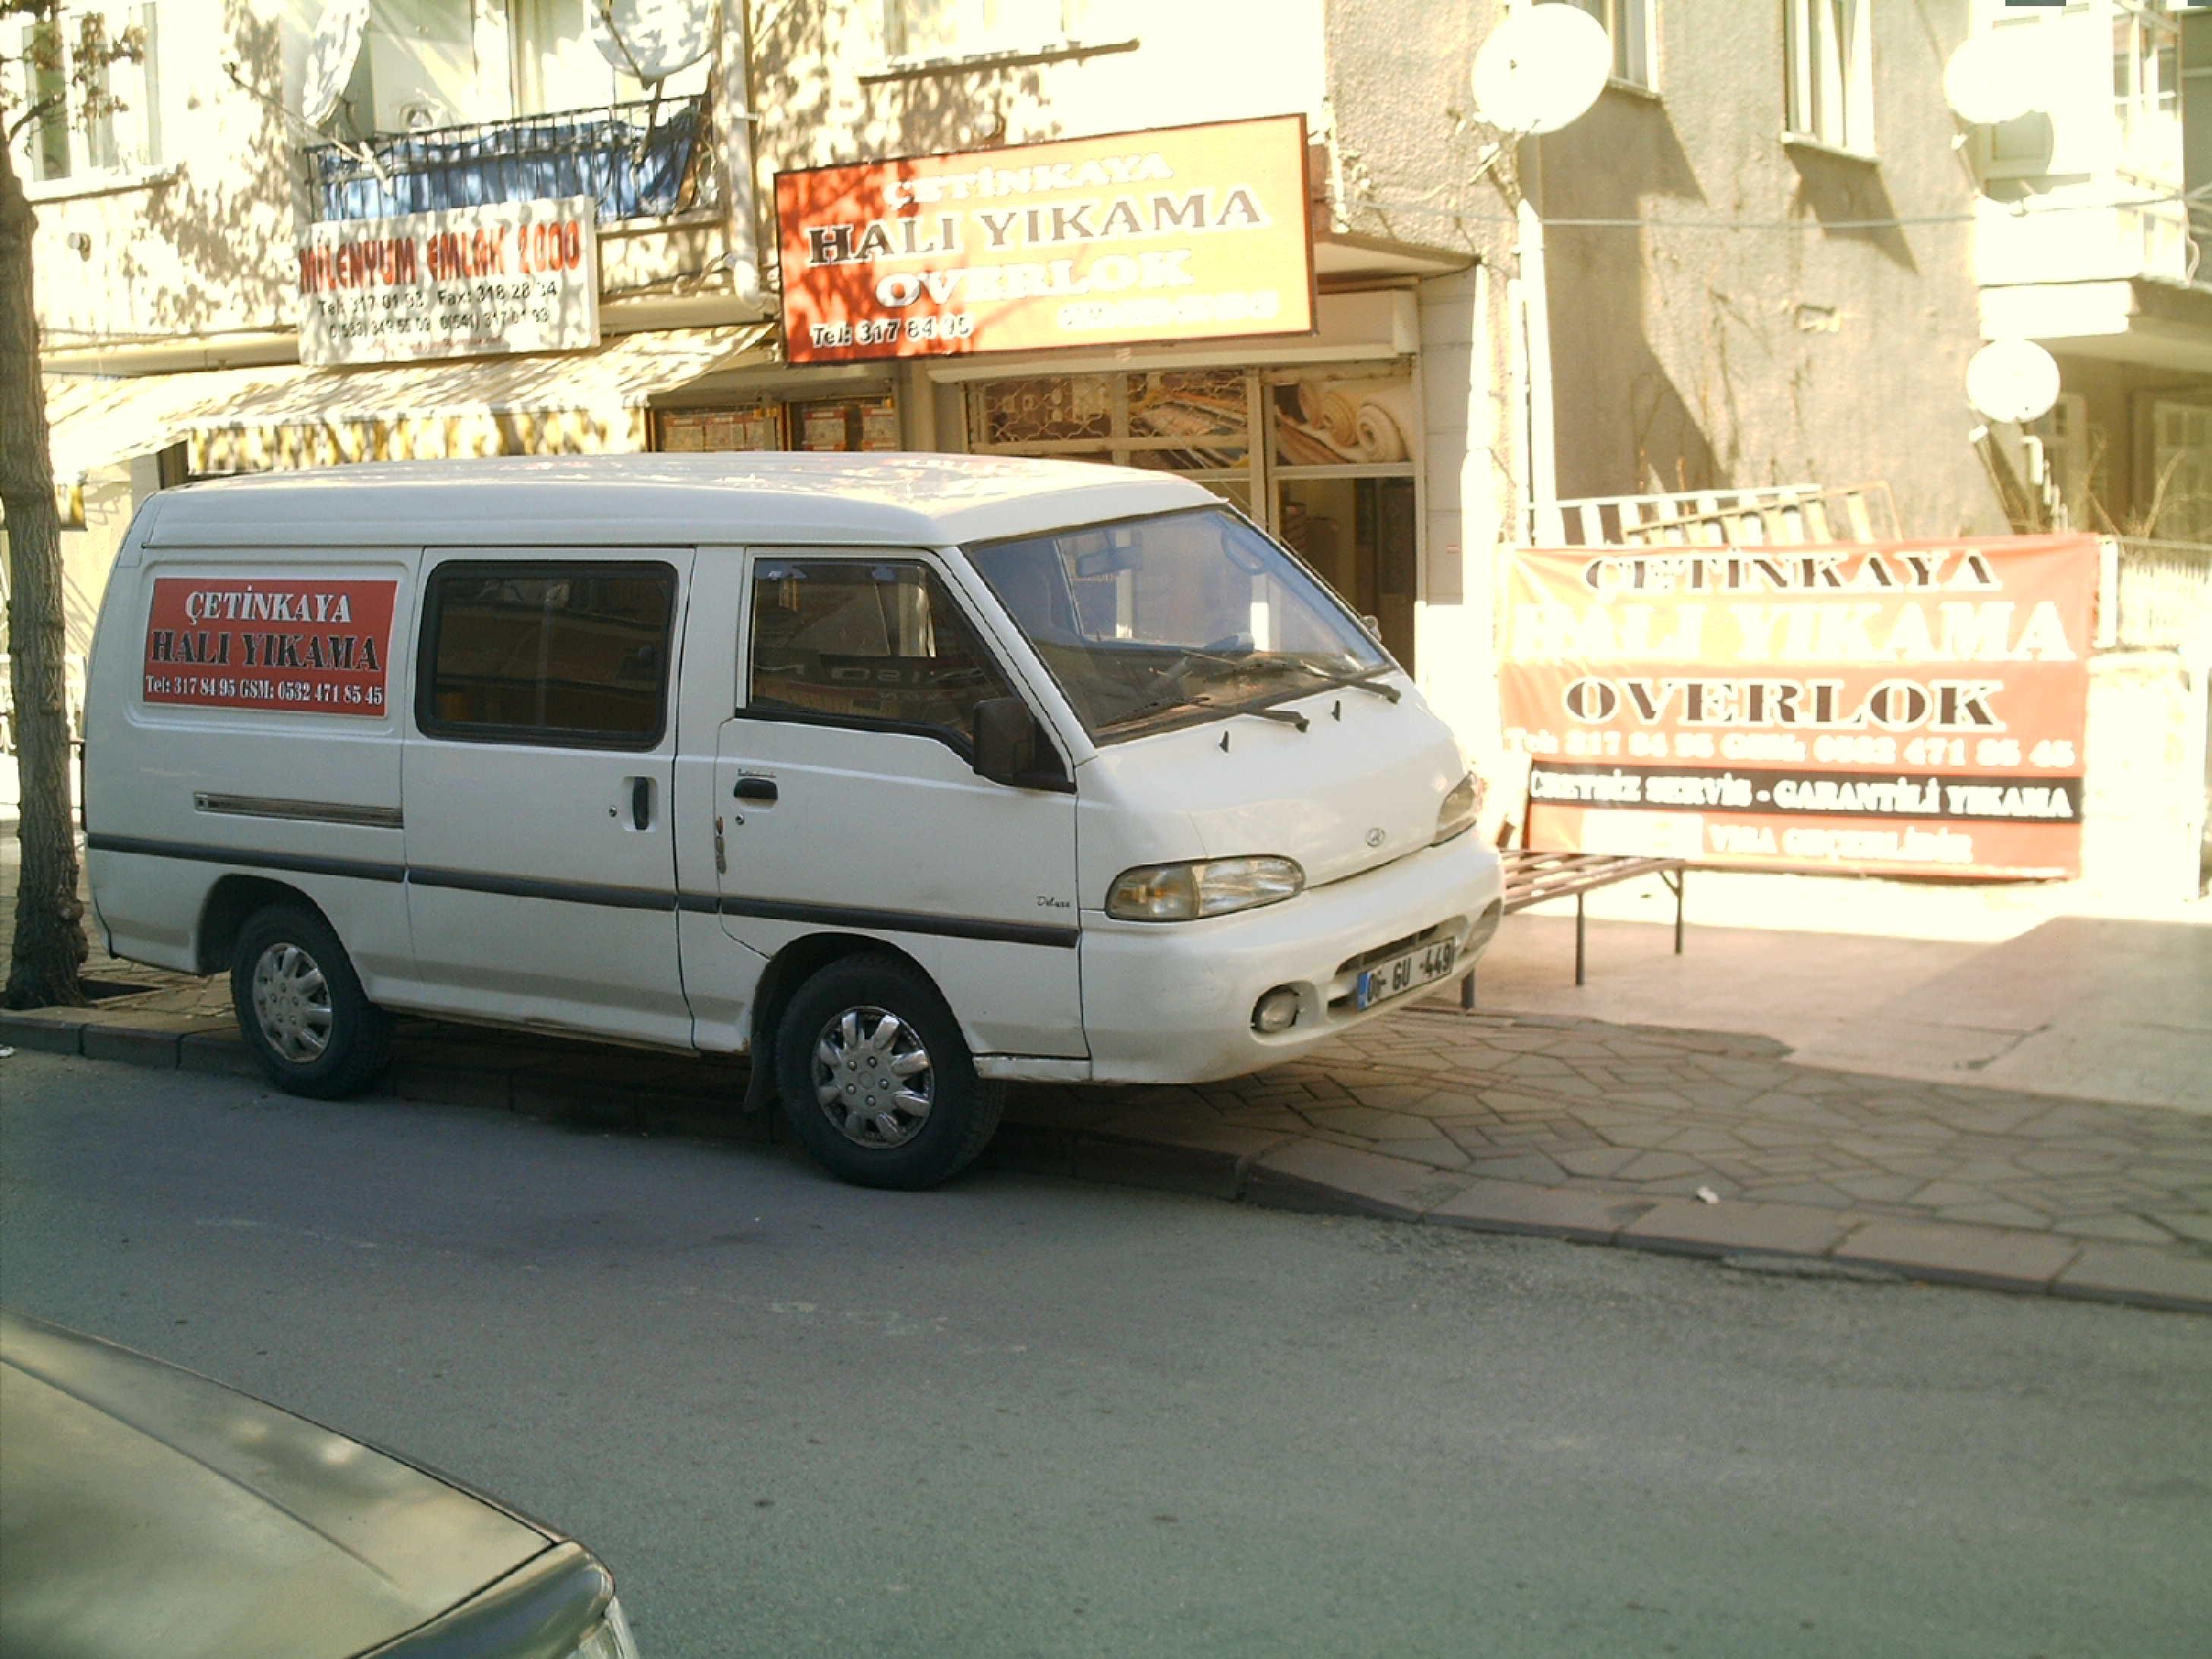 natoyolu_yikama_servis-1 (1)